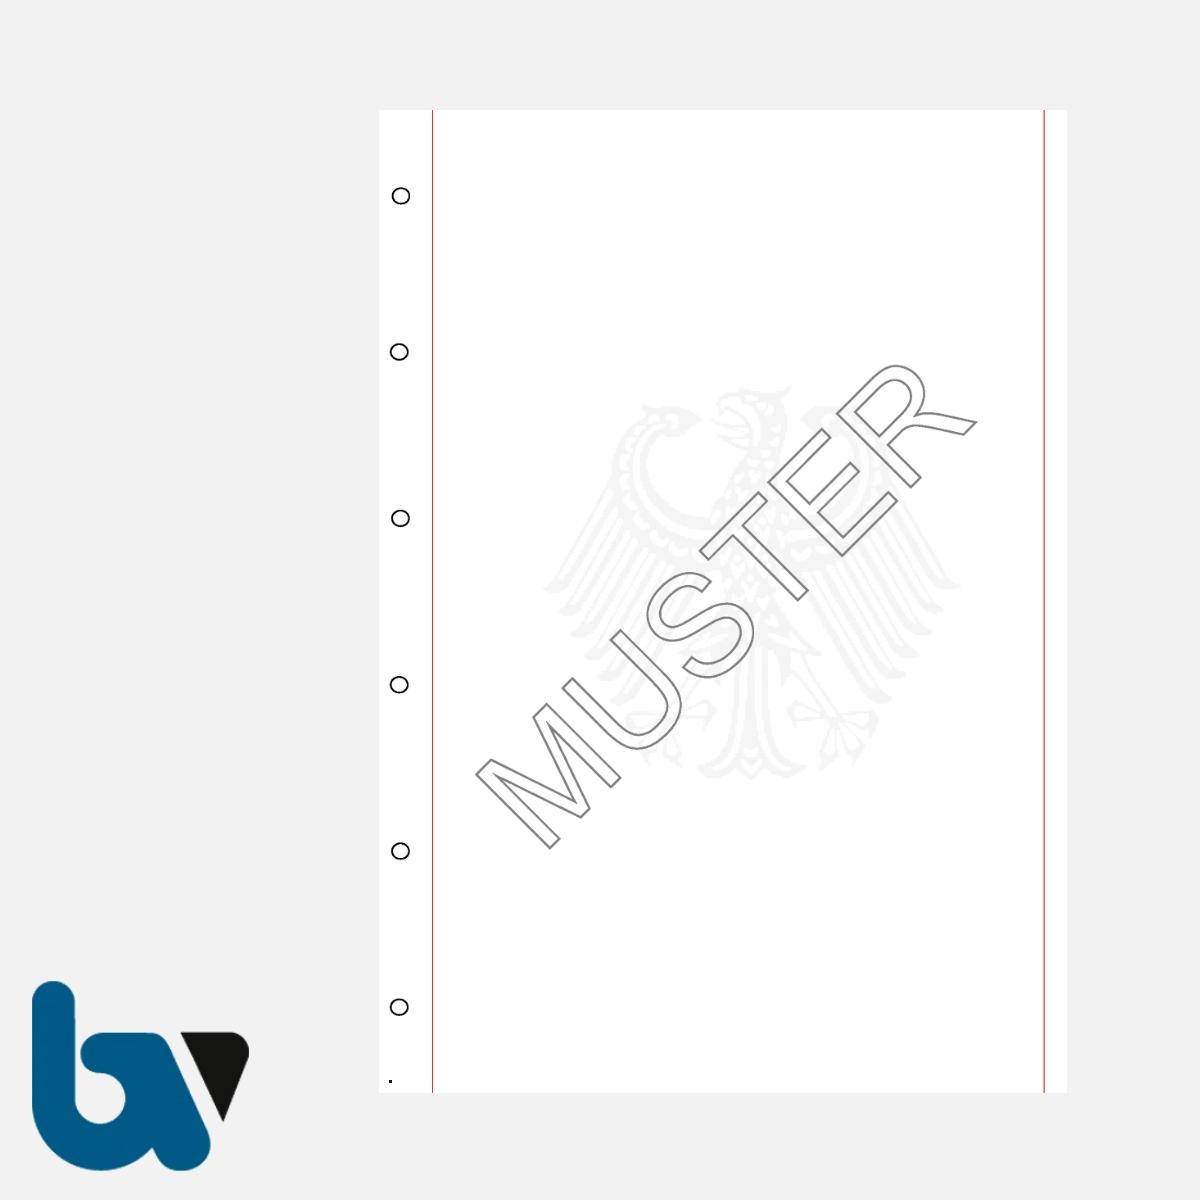 0/168-5.1gsb Sicherheitspapier Standesamt Personenstand Urkunde Kopierschutz Scan Dokument 6-fach Lochung Bundesadler rot Schmuckrand Stammbuch 130 200 | Borgard Verlag GmbH